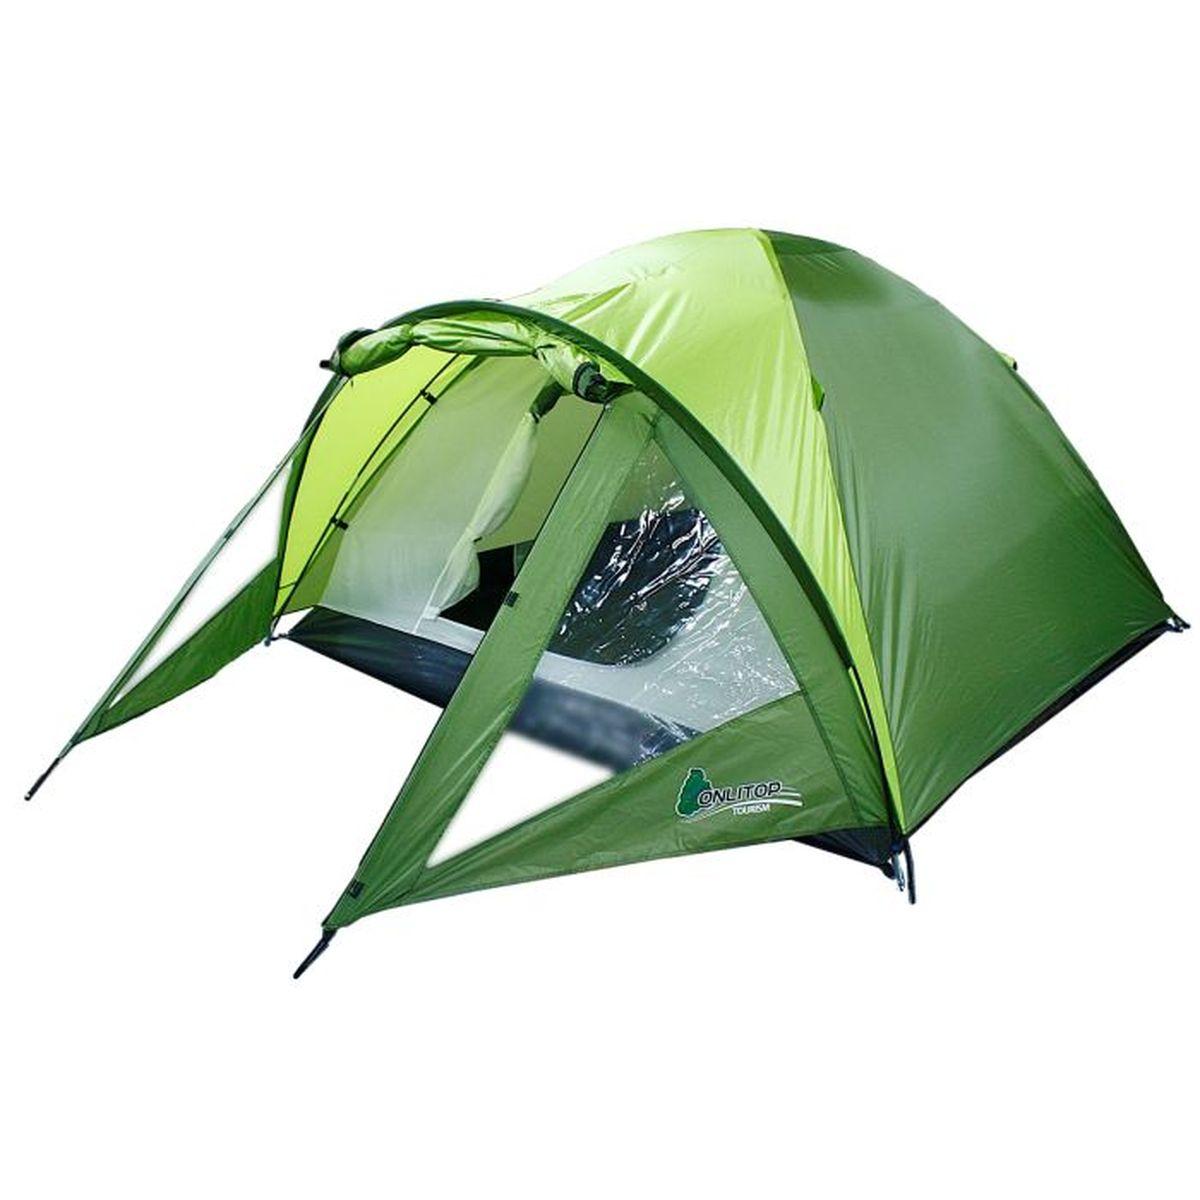 Палатка туристическая Onlitop OTTAWA 3, цвет: зеленый